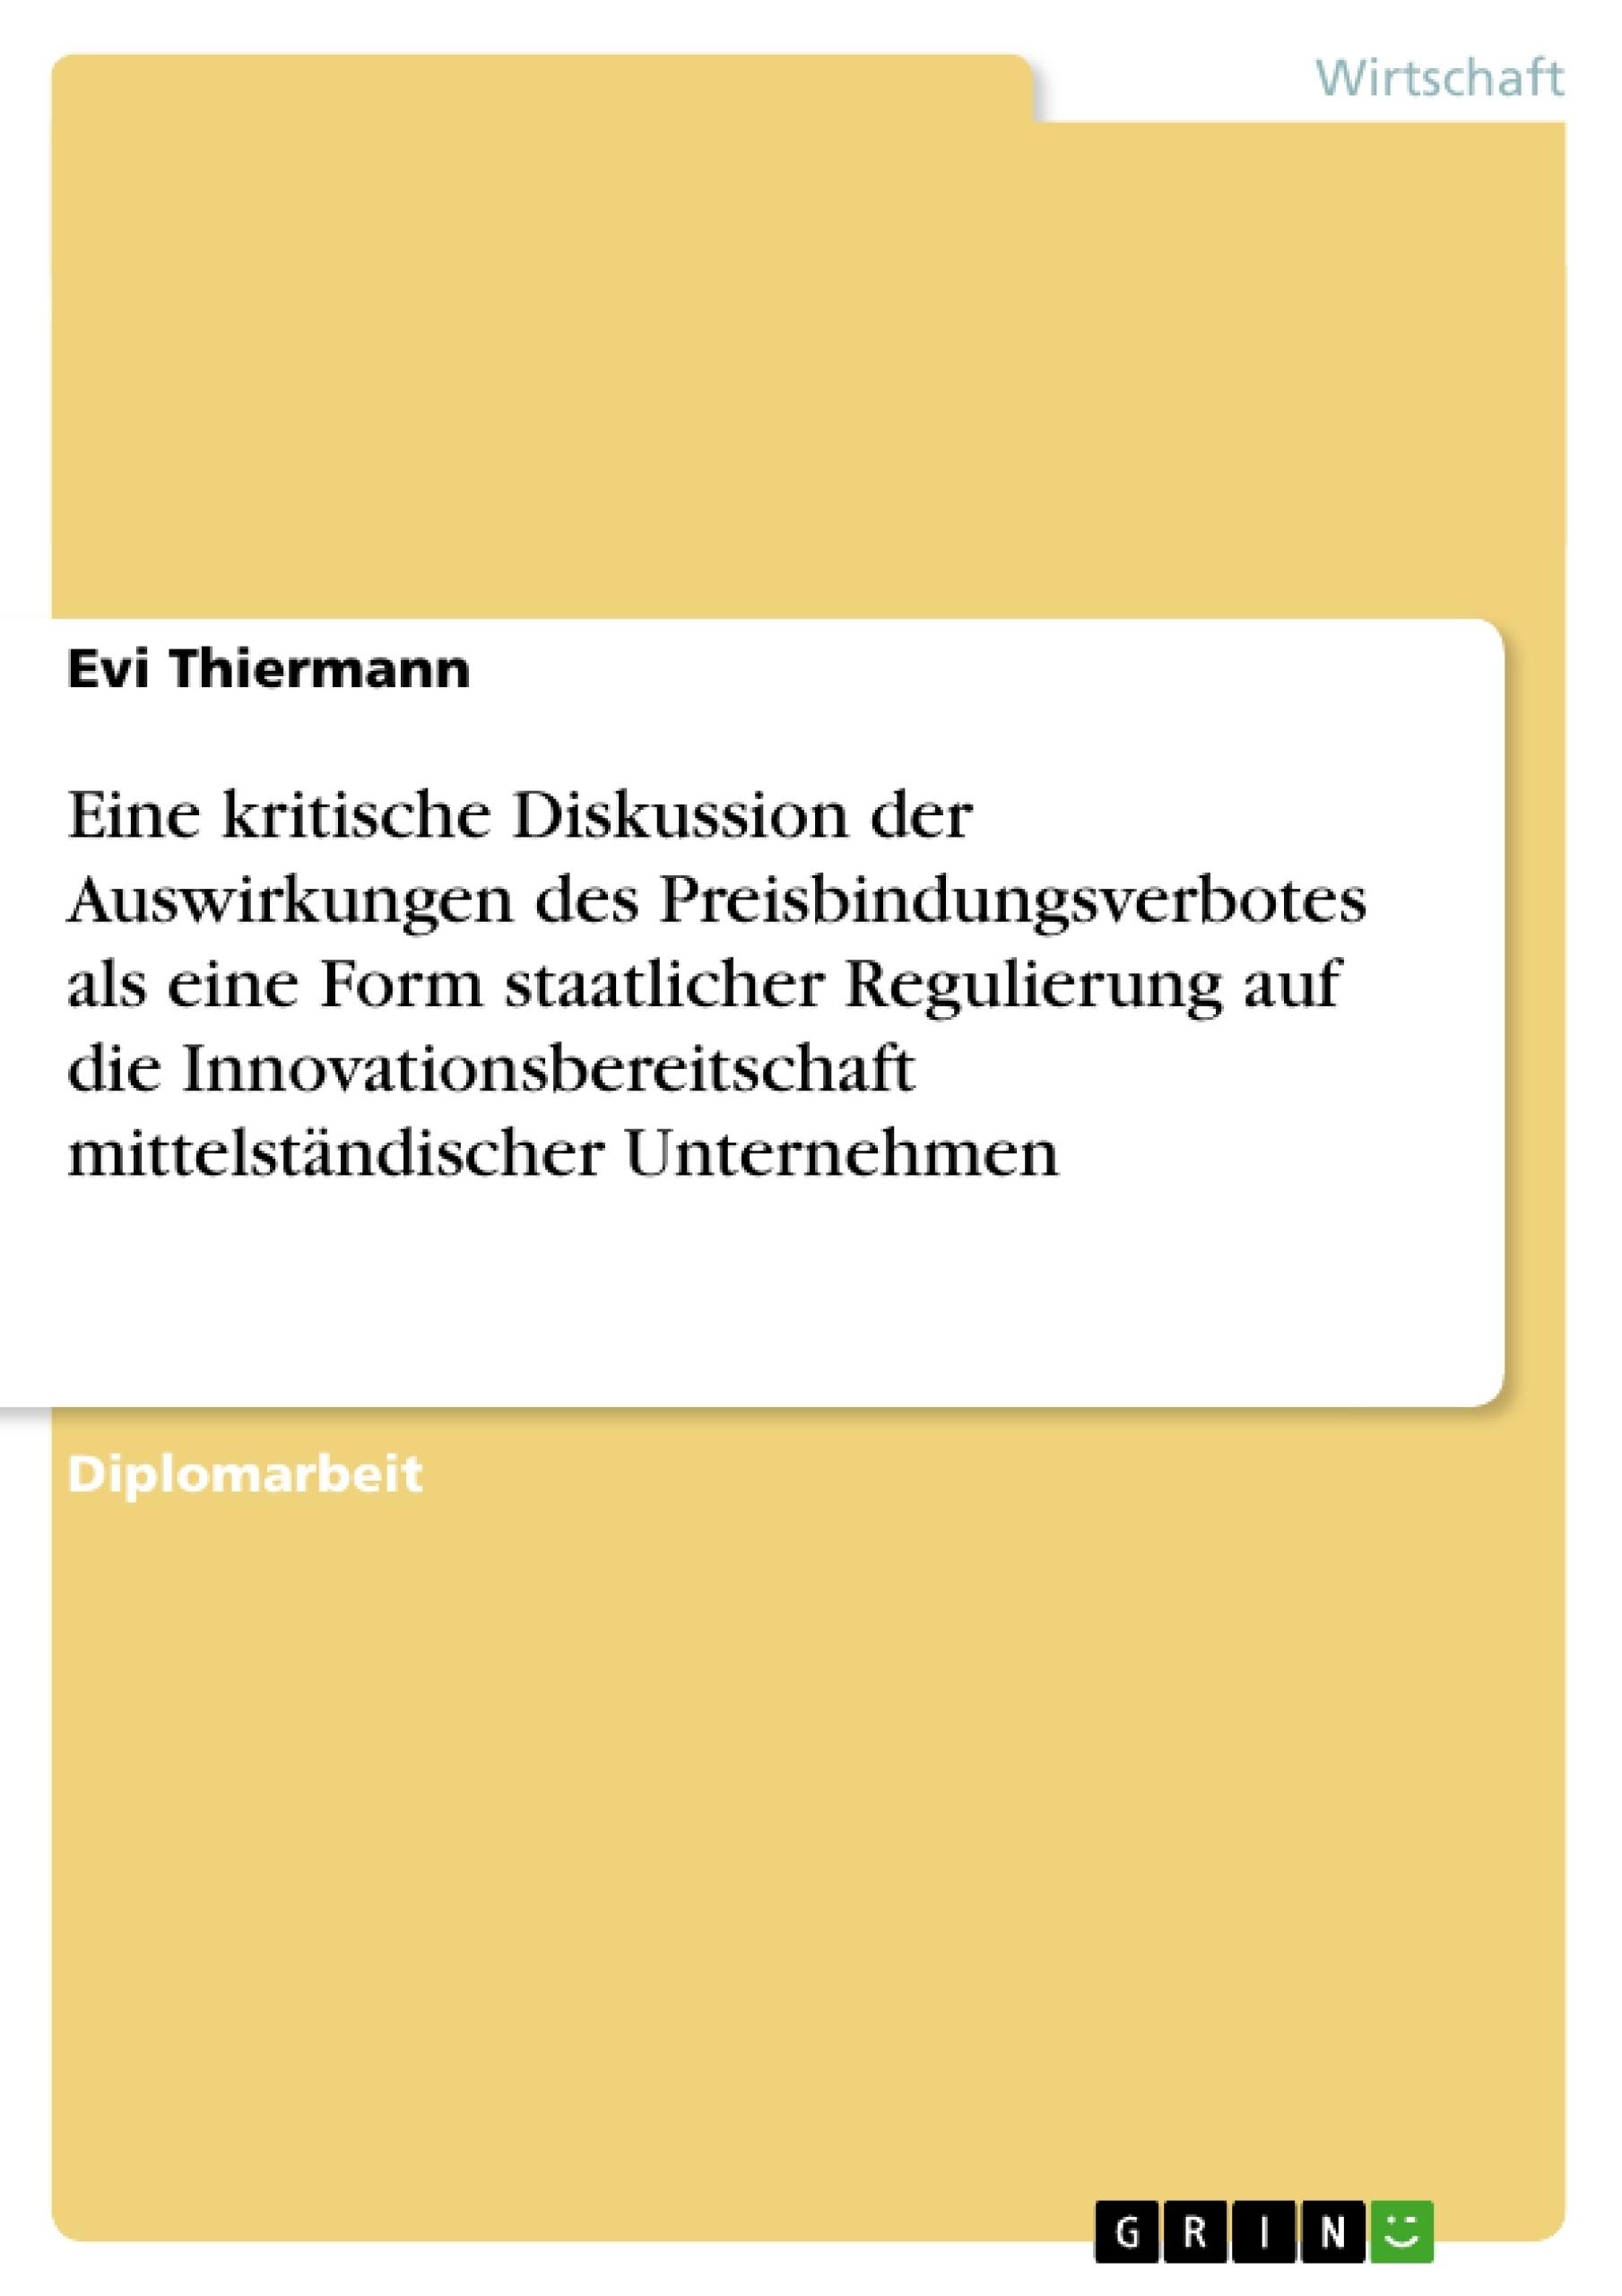 Titel: Eine kritische Diskussion der Auswirkungen des Preisbindungsverbotes als eine Form staatlicher Regulierung auf die Innovationsbereitschaft mittelständischer Unternehmen